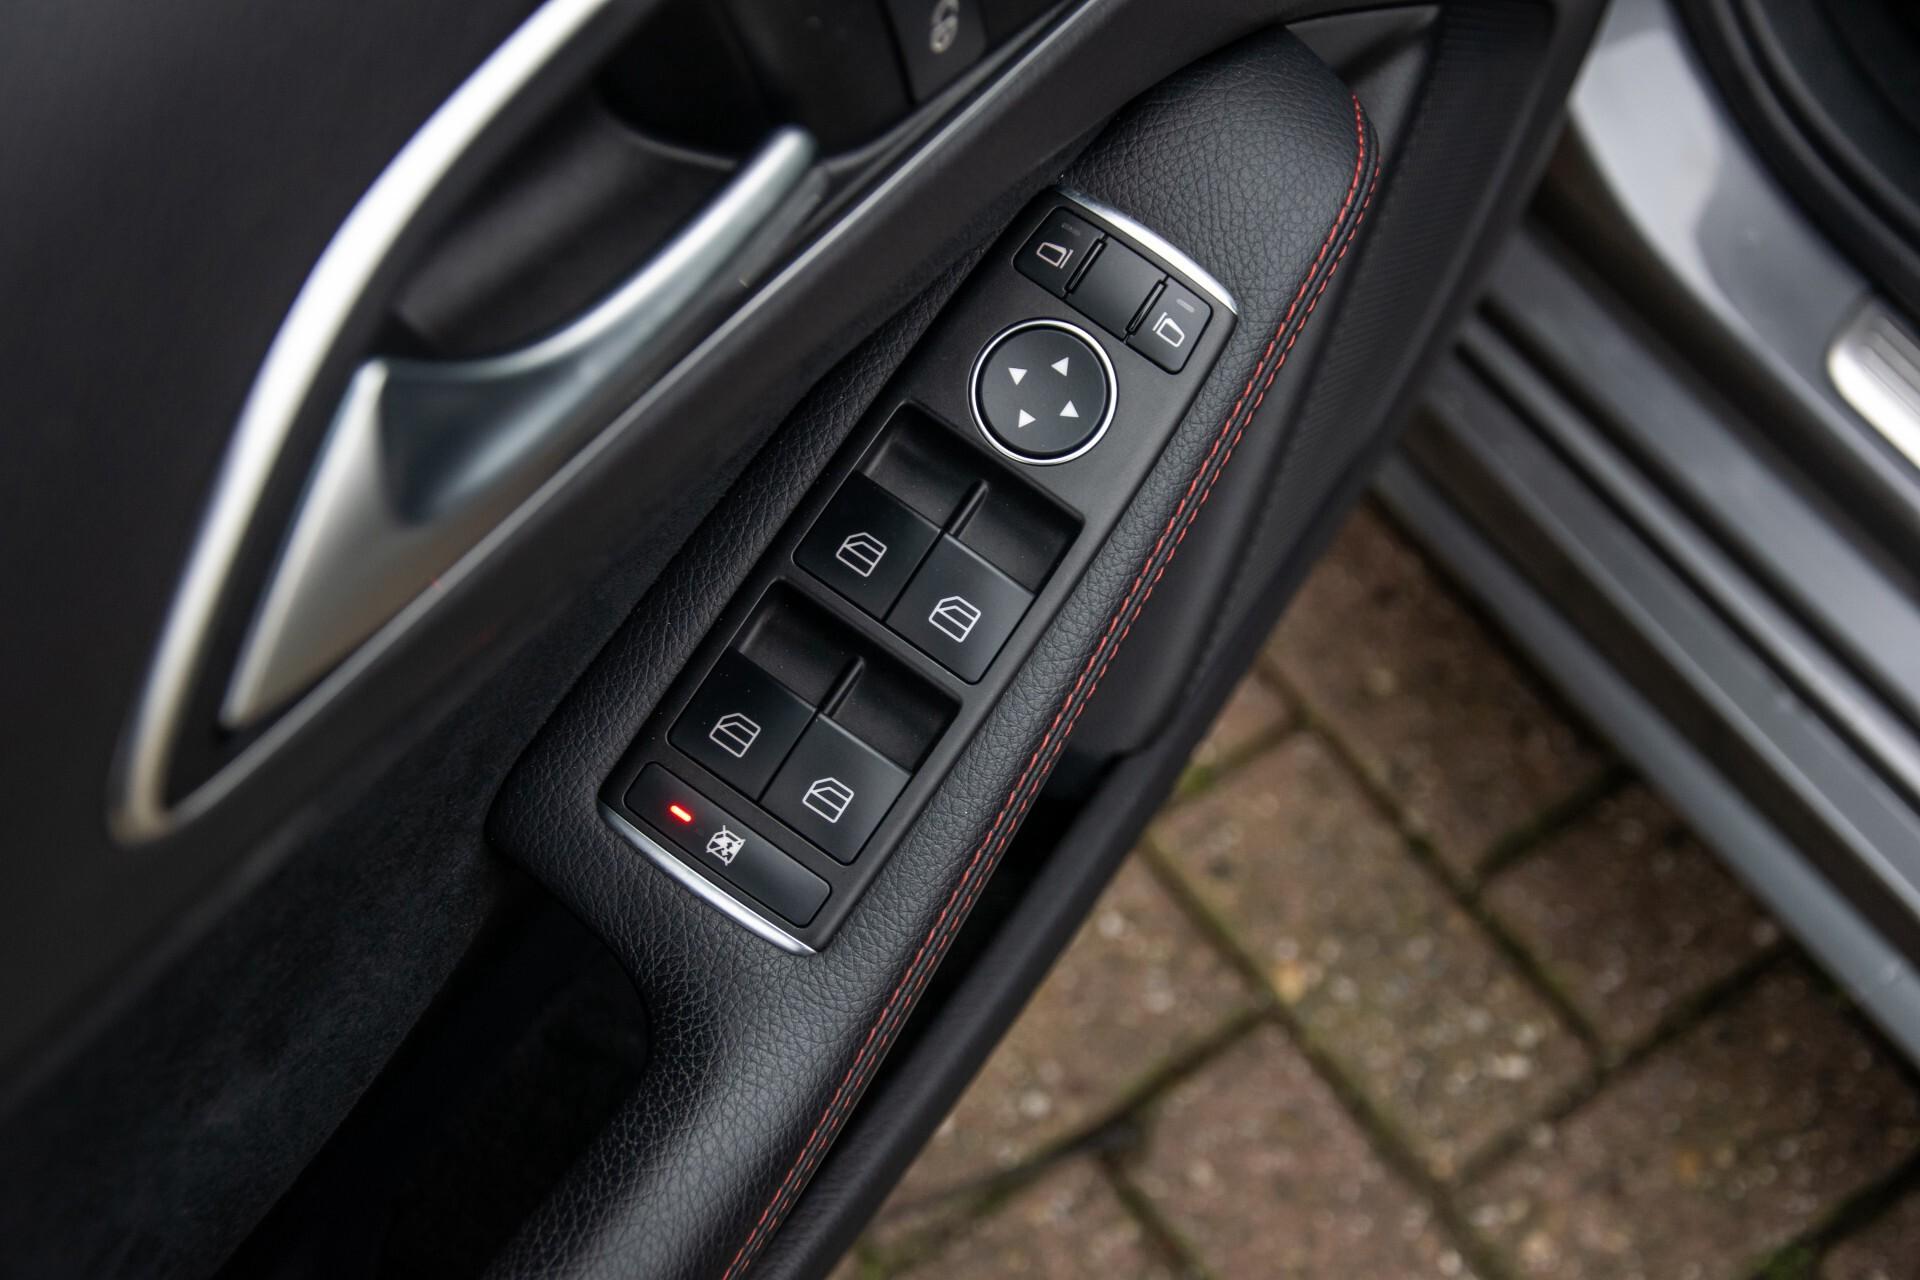 Mercedes-Benz A-Klasse 180 AMG Dynamic Handling/Camera/Xenon/Navi/Privacy Aut7 Foto 34